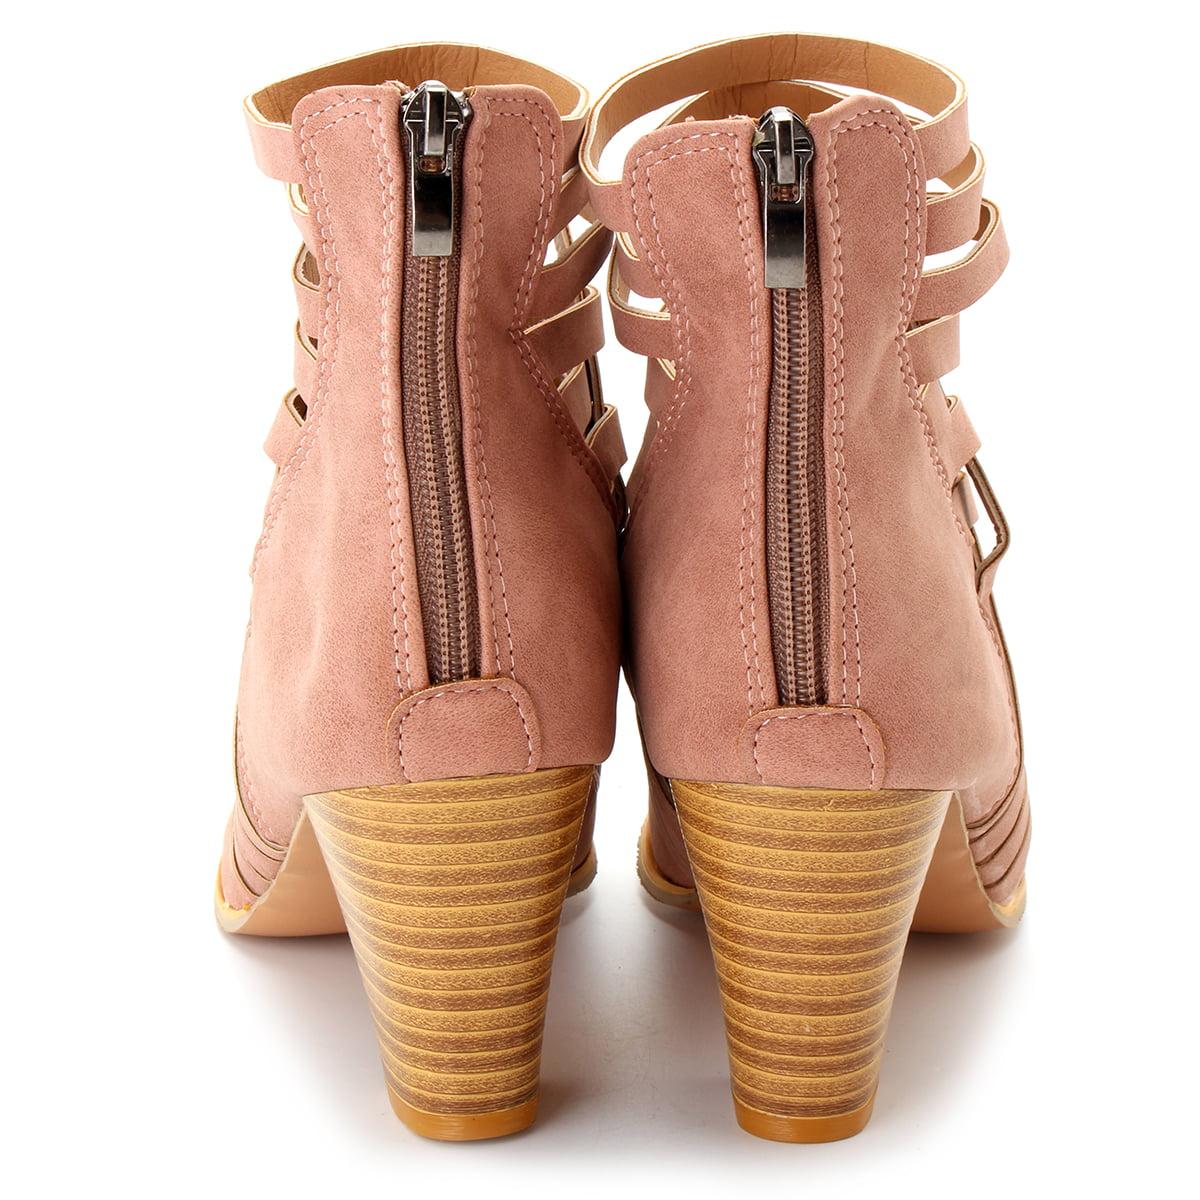 bd68e5b4fb1 Meigar - Meigar Summer Women s Ankle Boots Block Low Mid Heel Sandals -  Walmart.com